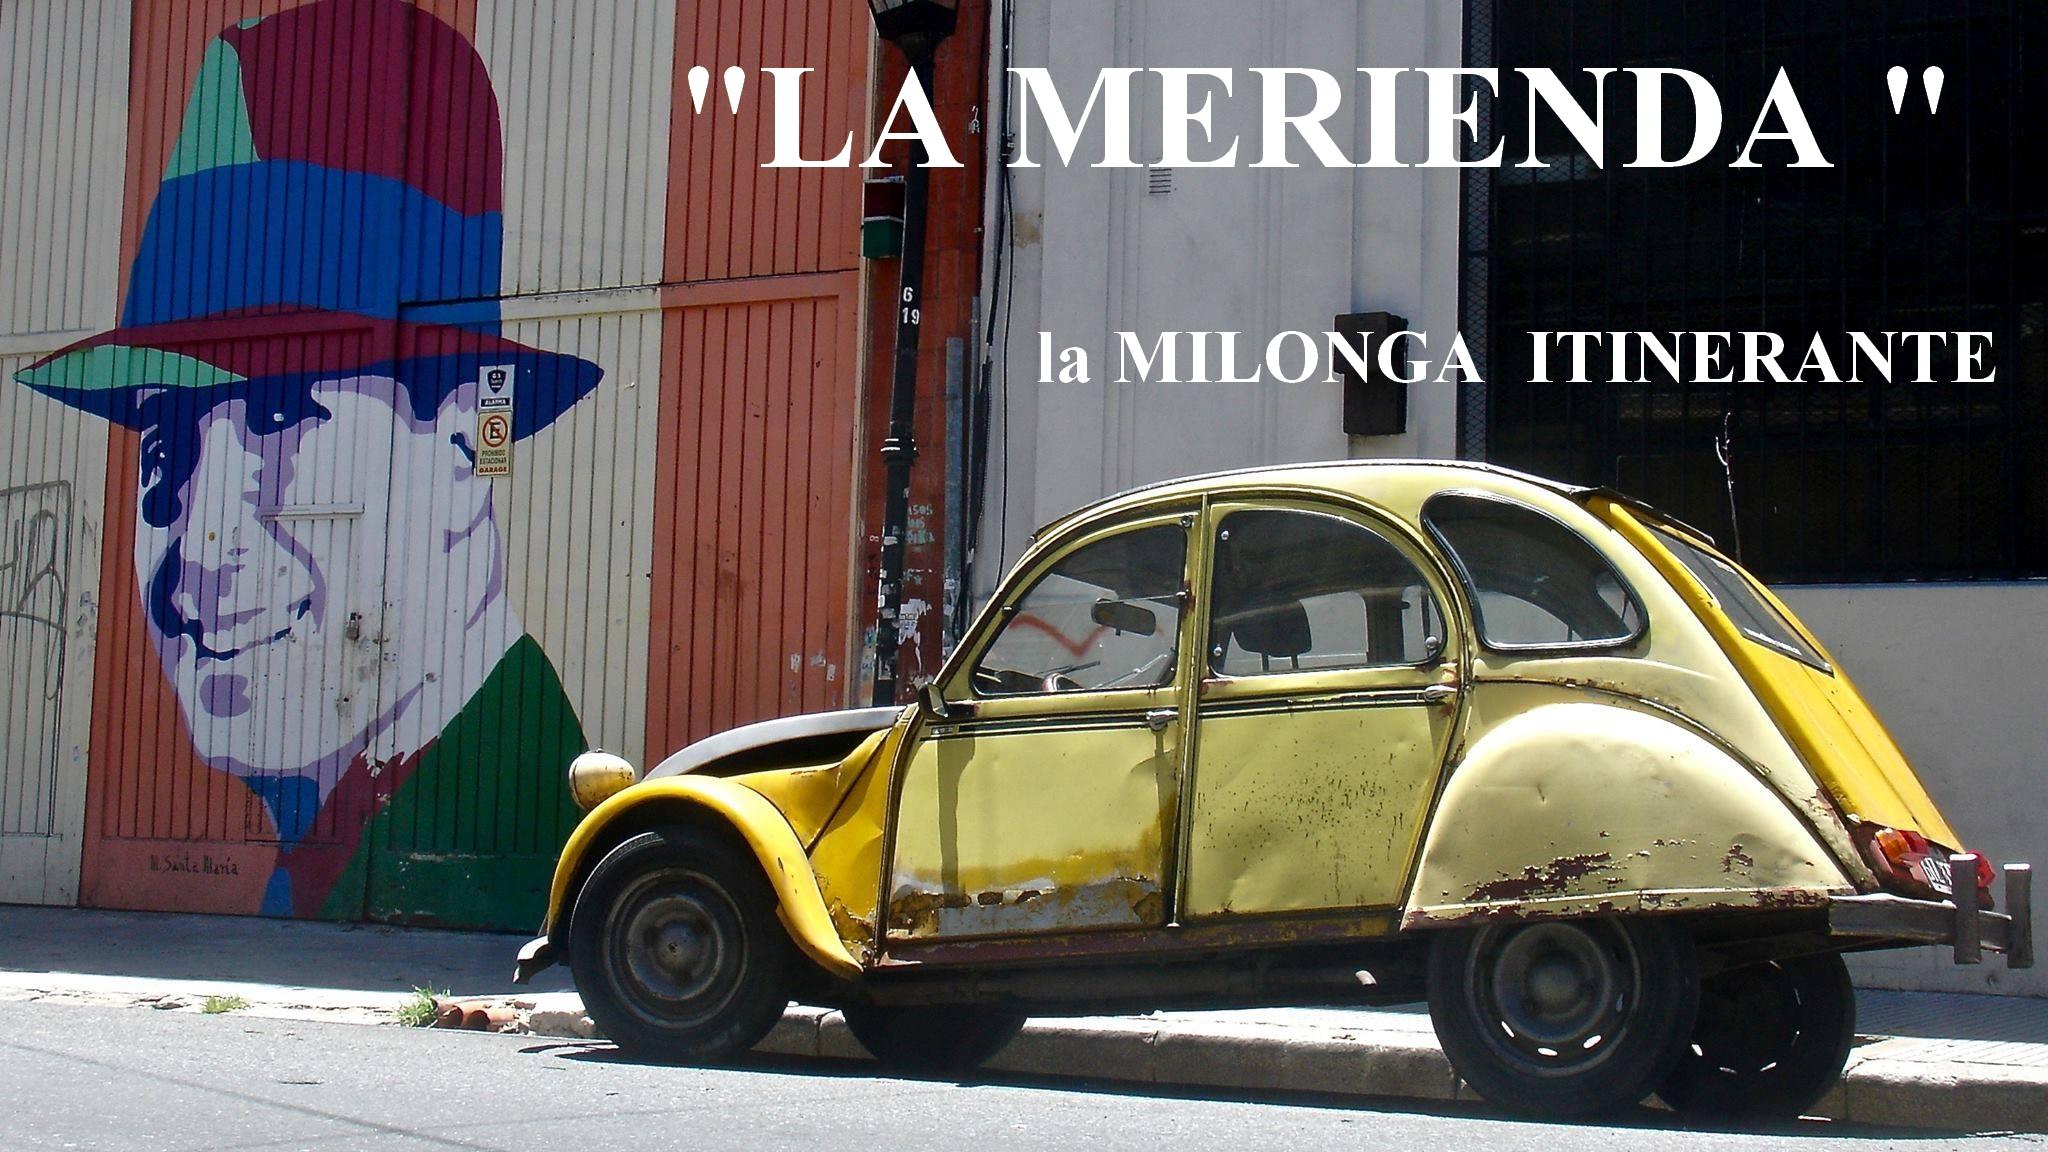 MILONGA «LA MERIENDA»